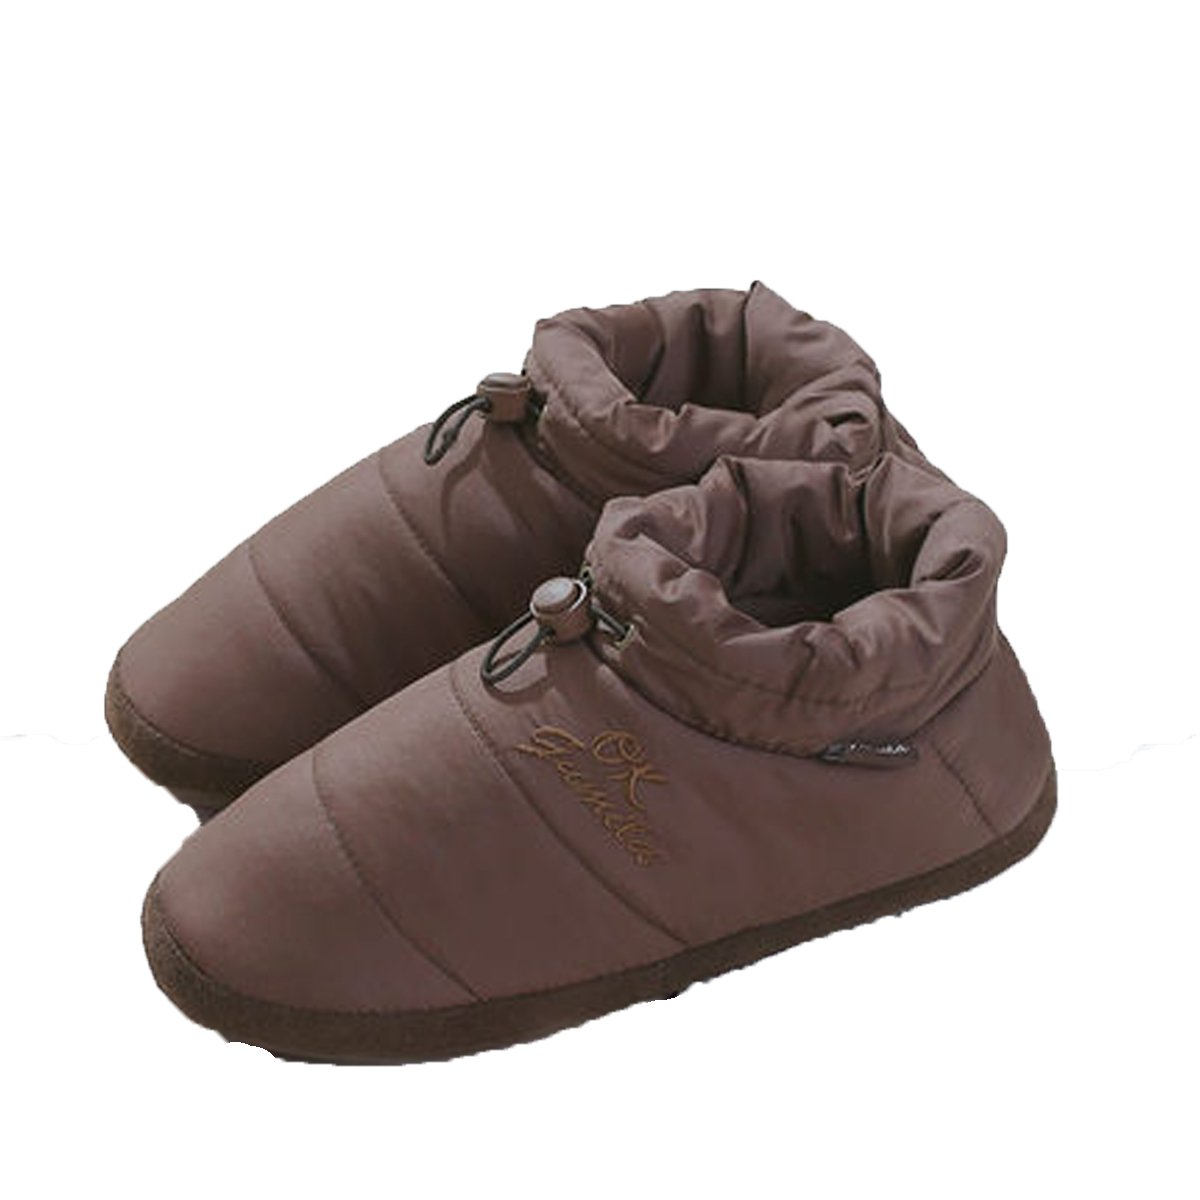 MENG SHENG Unisex Non-Slip Indoor Floor Cotton Slippers